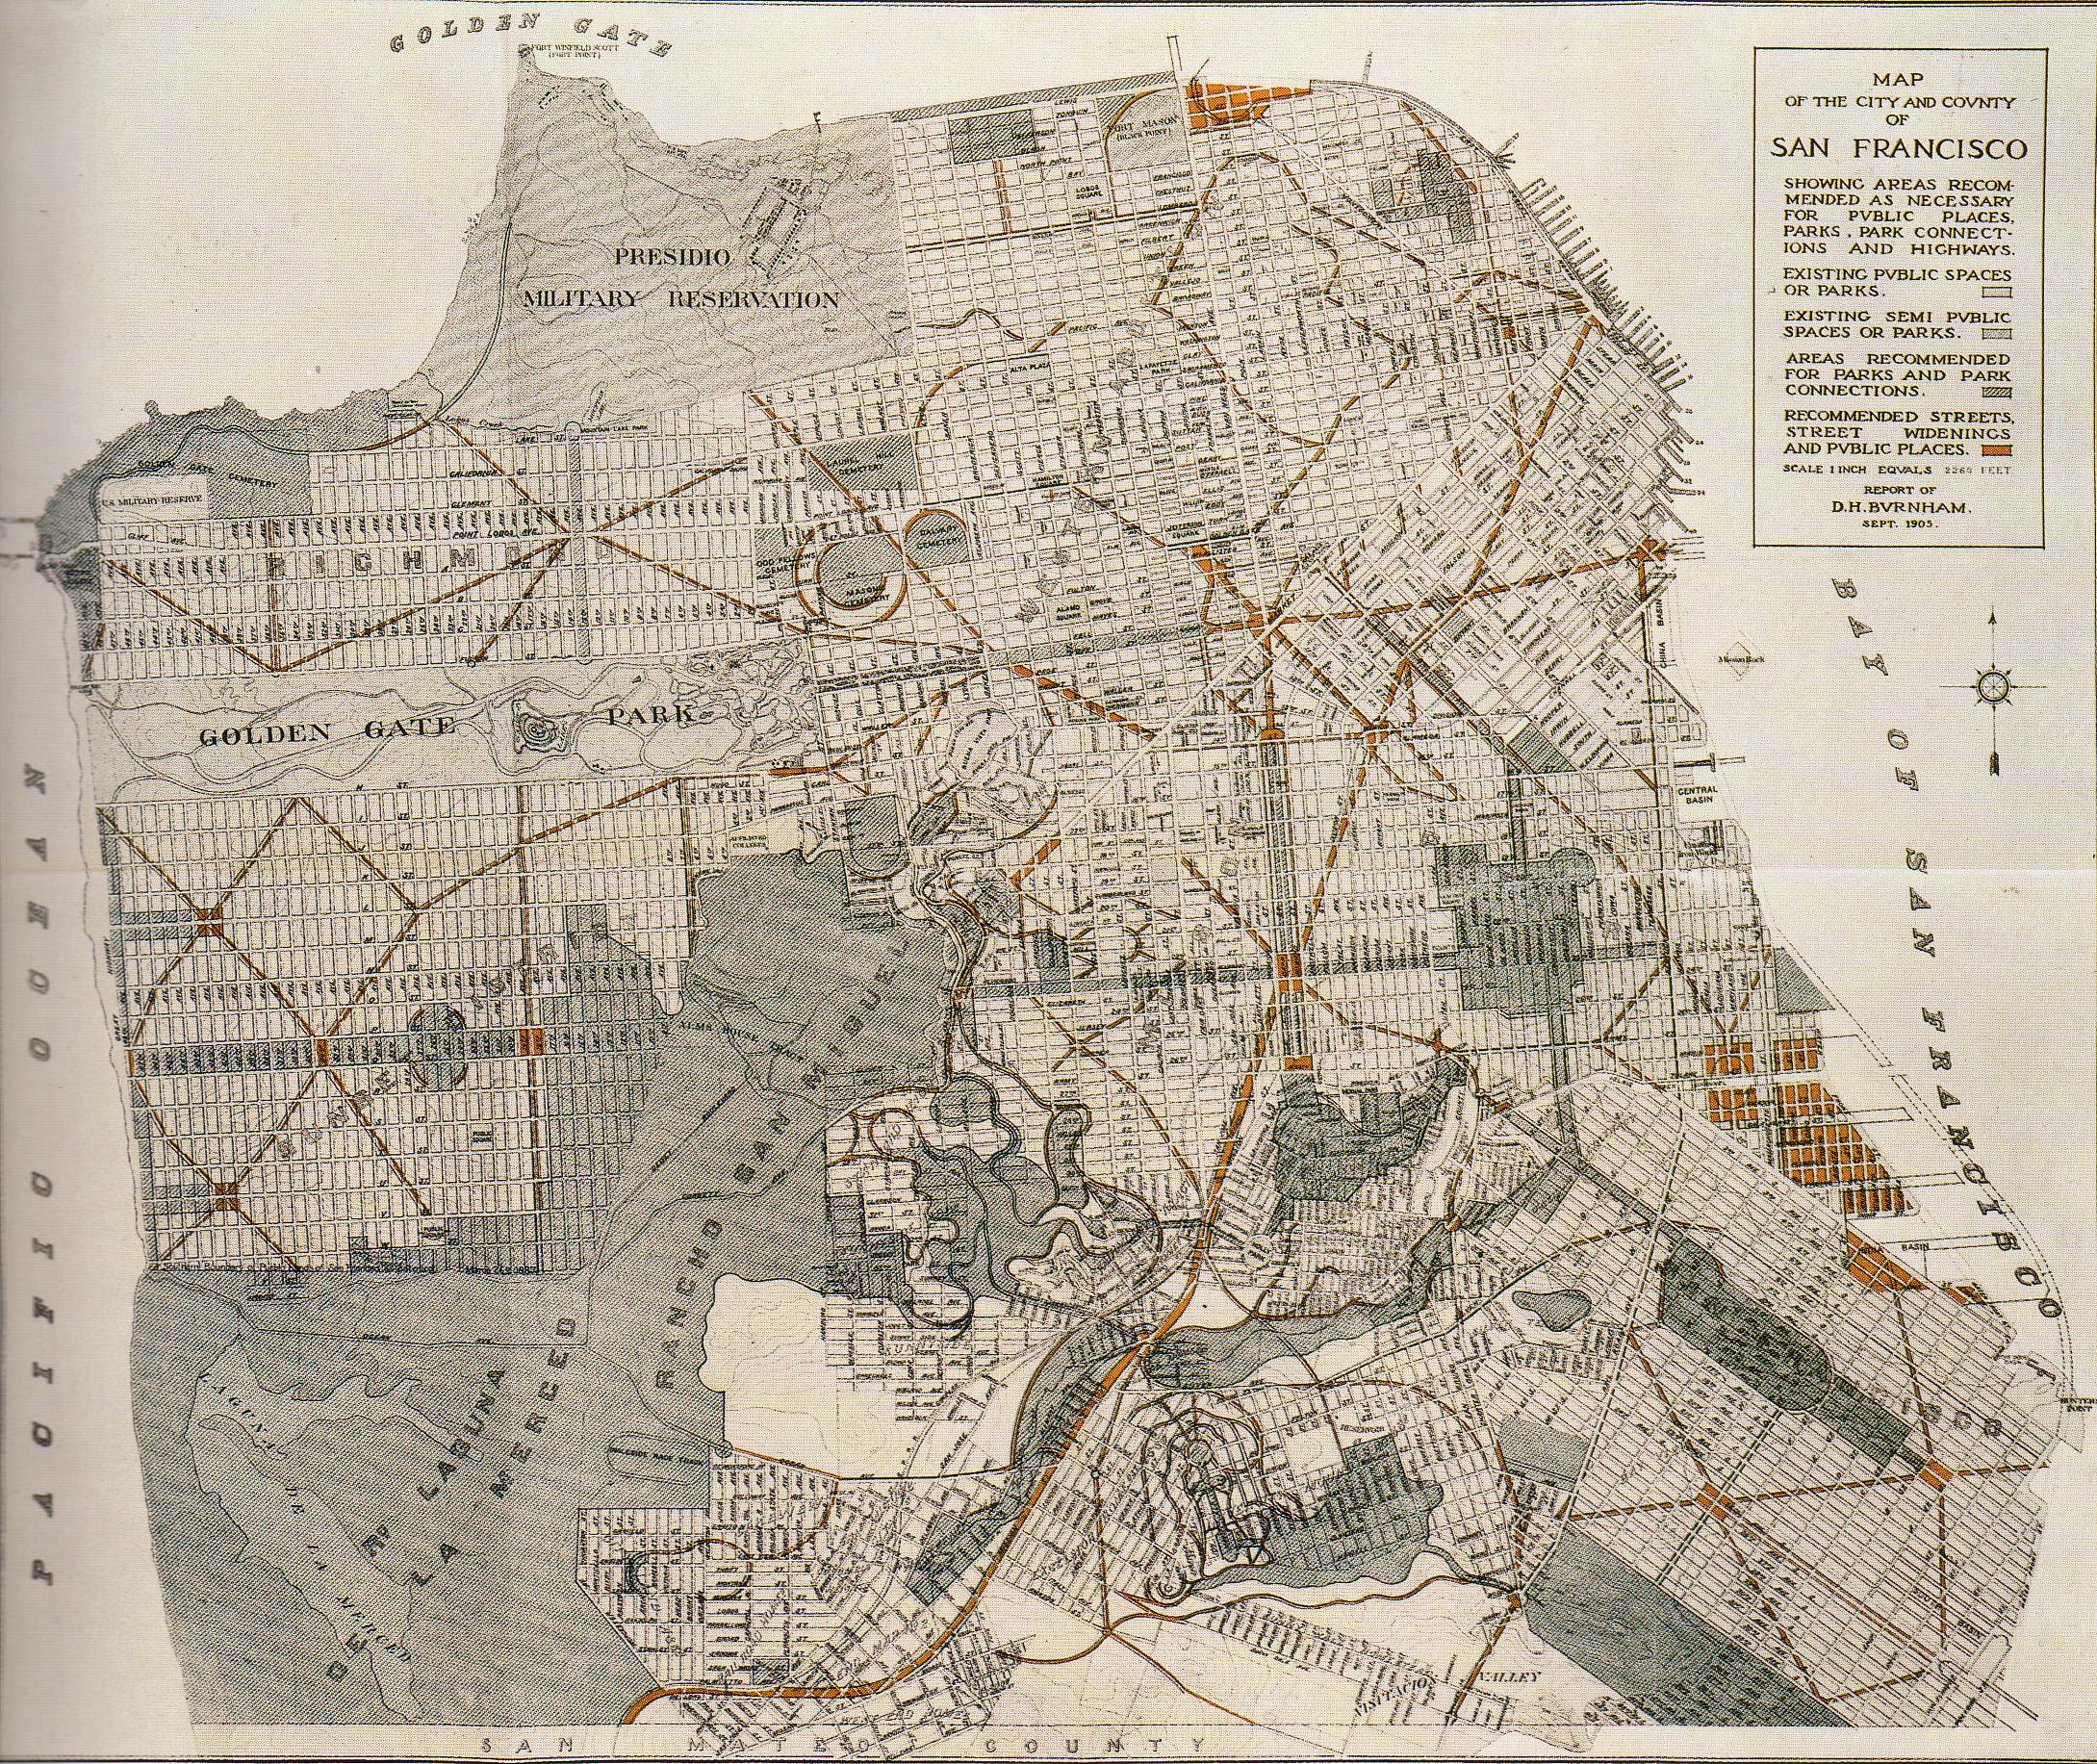 1906 Earthquake Map.San Francisco Had The 1906 Earthquake Not Happened Vivid Maps